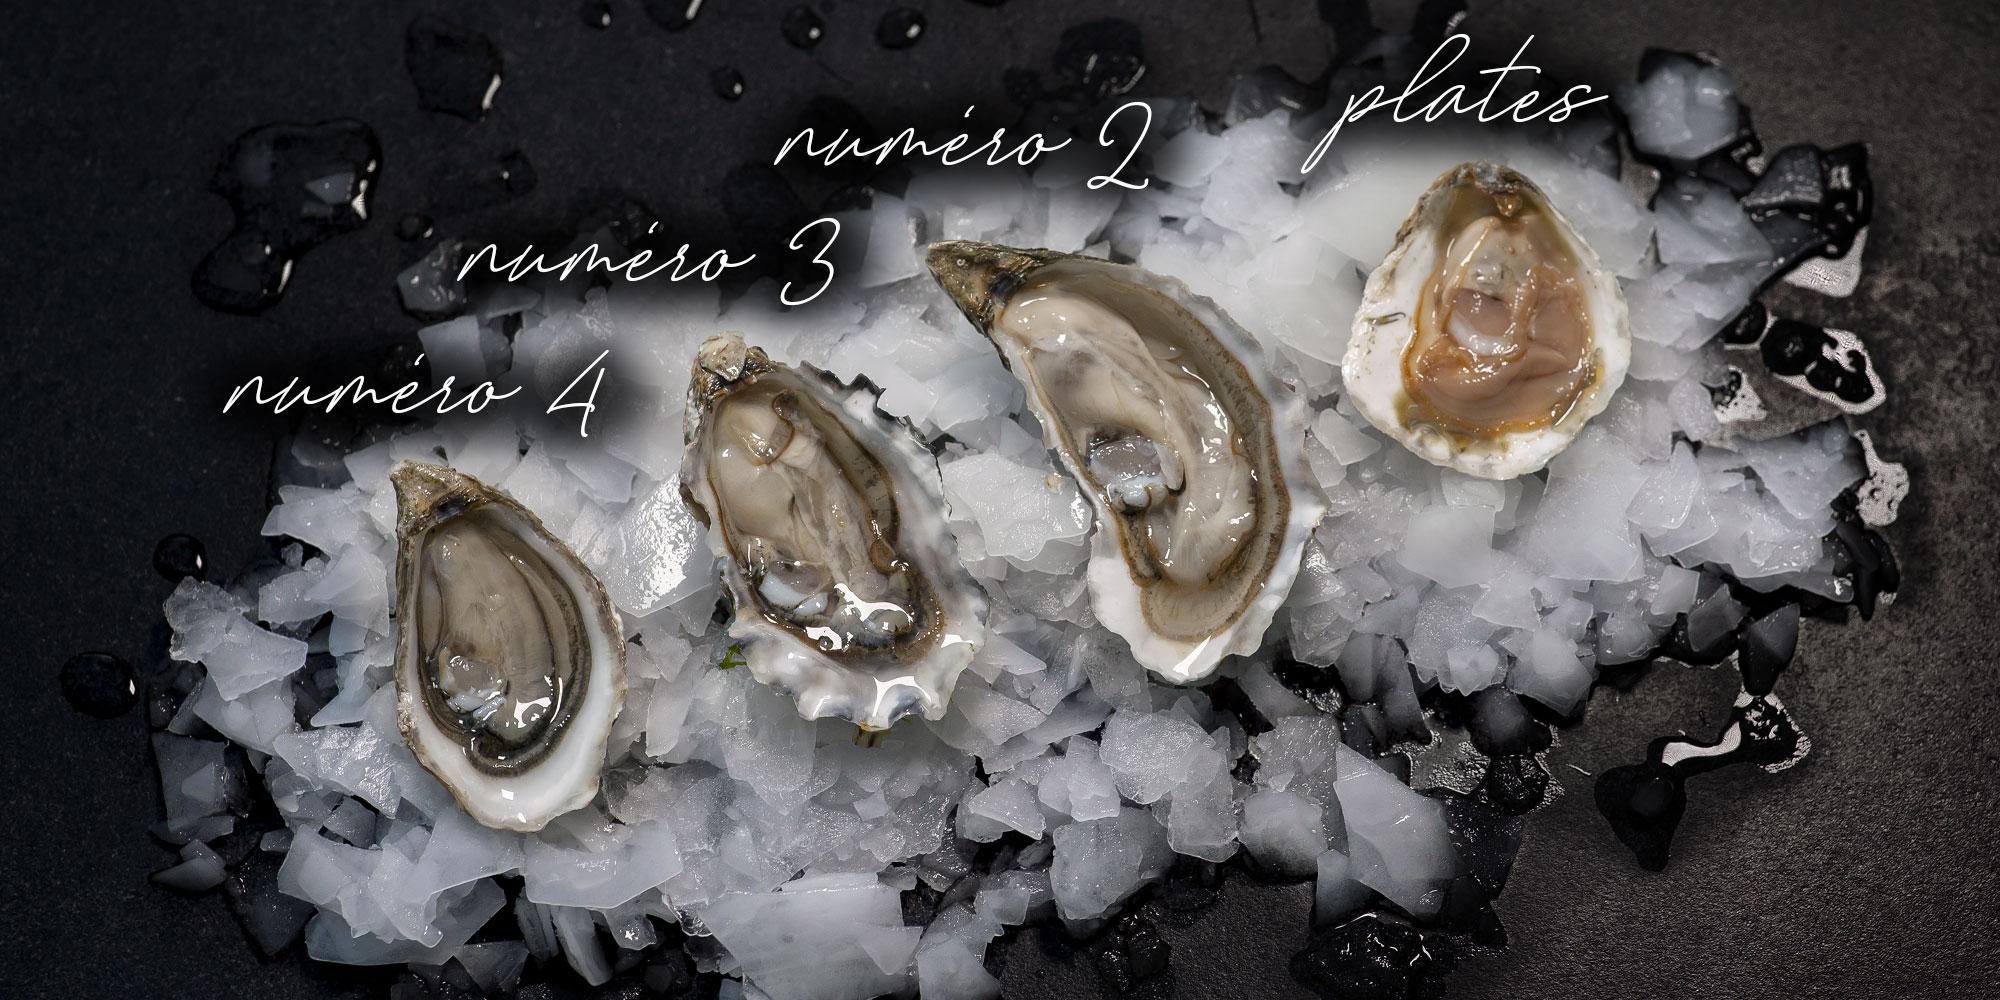 En savoir plus sur la taille / calibre des huîtres. Possibilité de commander des huîtres du Bassin d'Arcachon - parc à huîtres : banc d'arguin, île aux oiseaux, grand banc - La cabane de l'Aiguillon - Arcachon